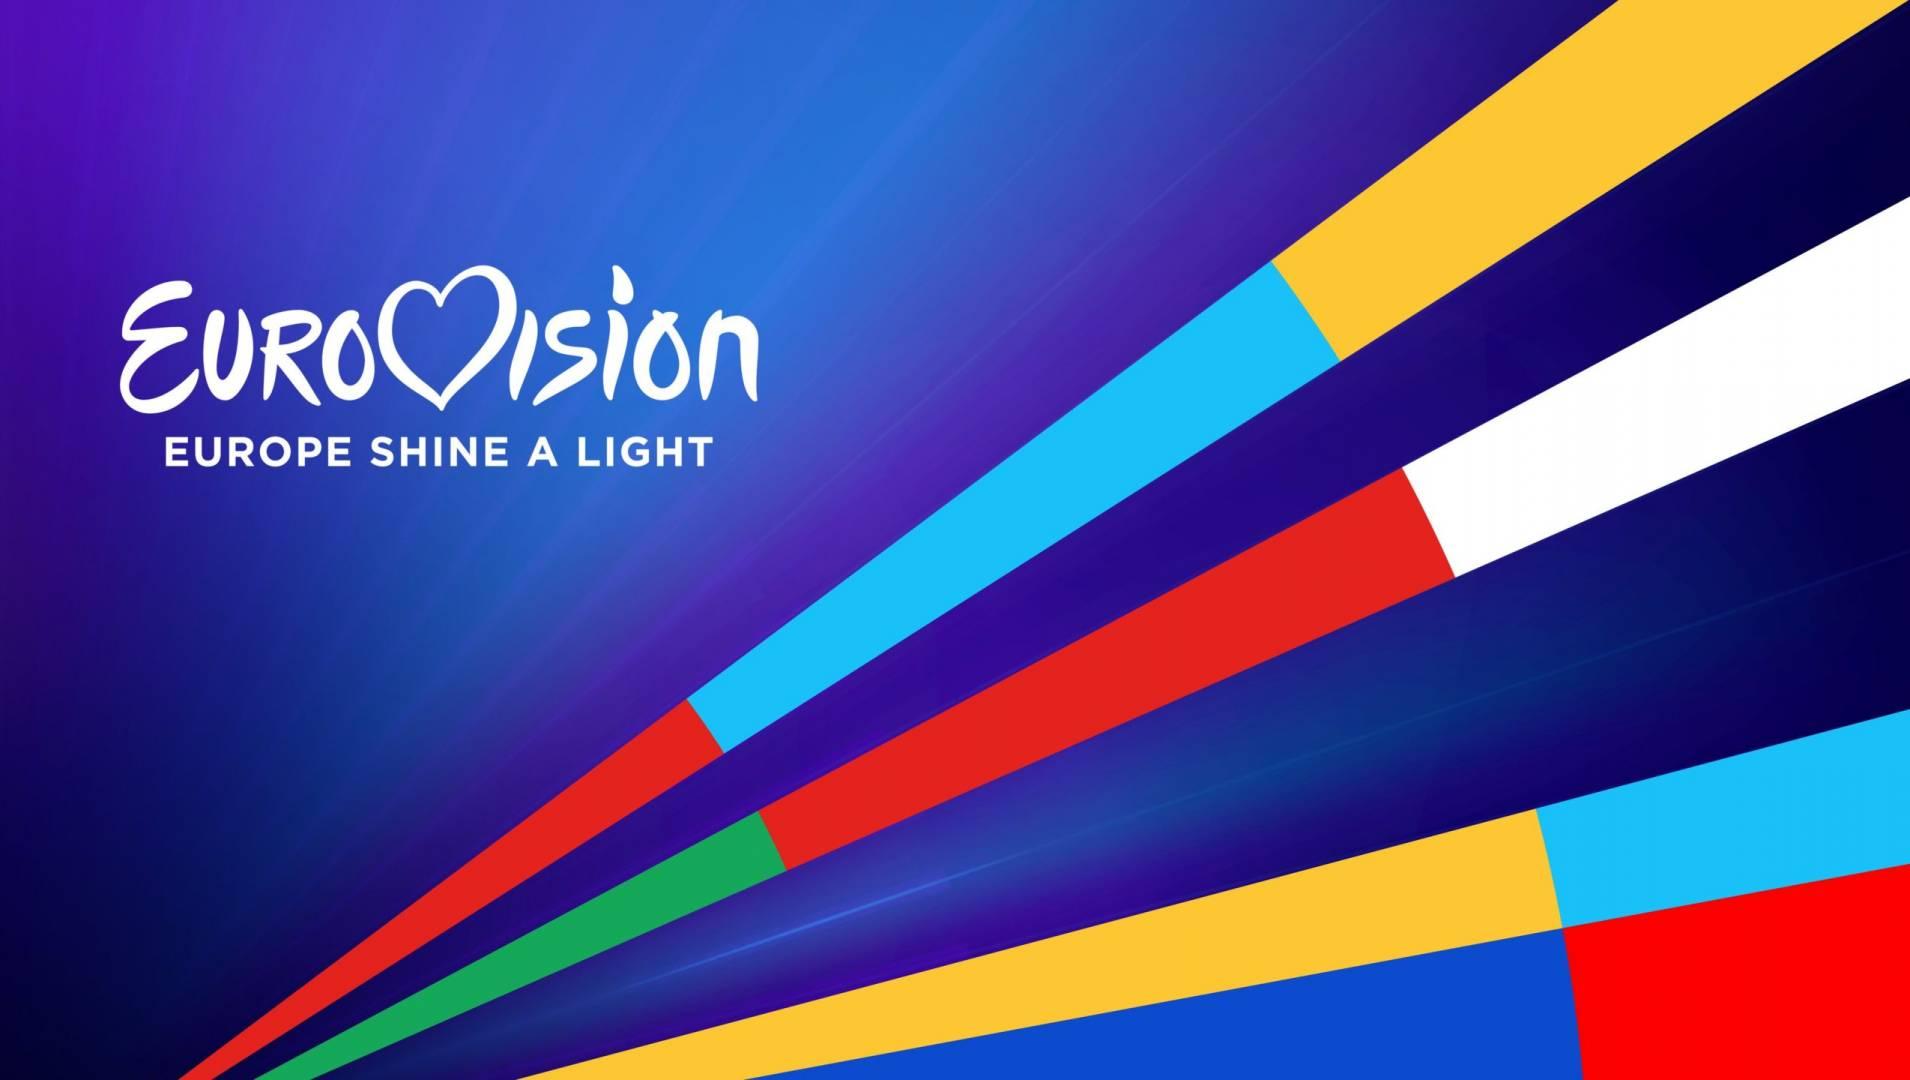 Евровидение 2020. Европа зажигает свет - Концерт